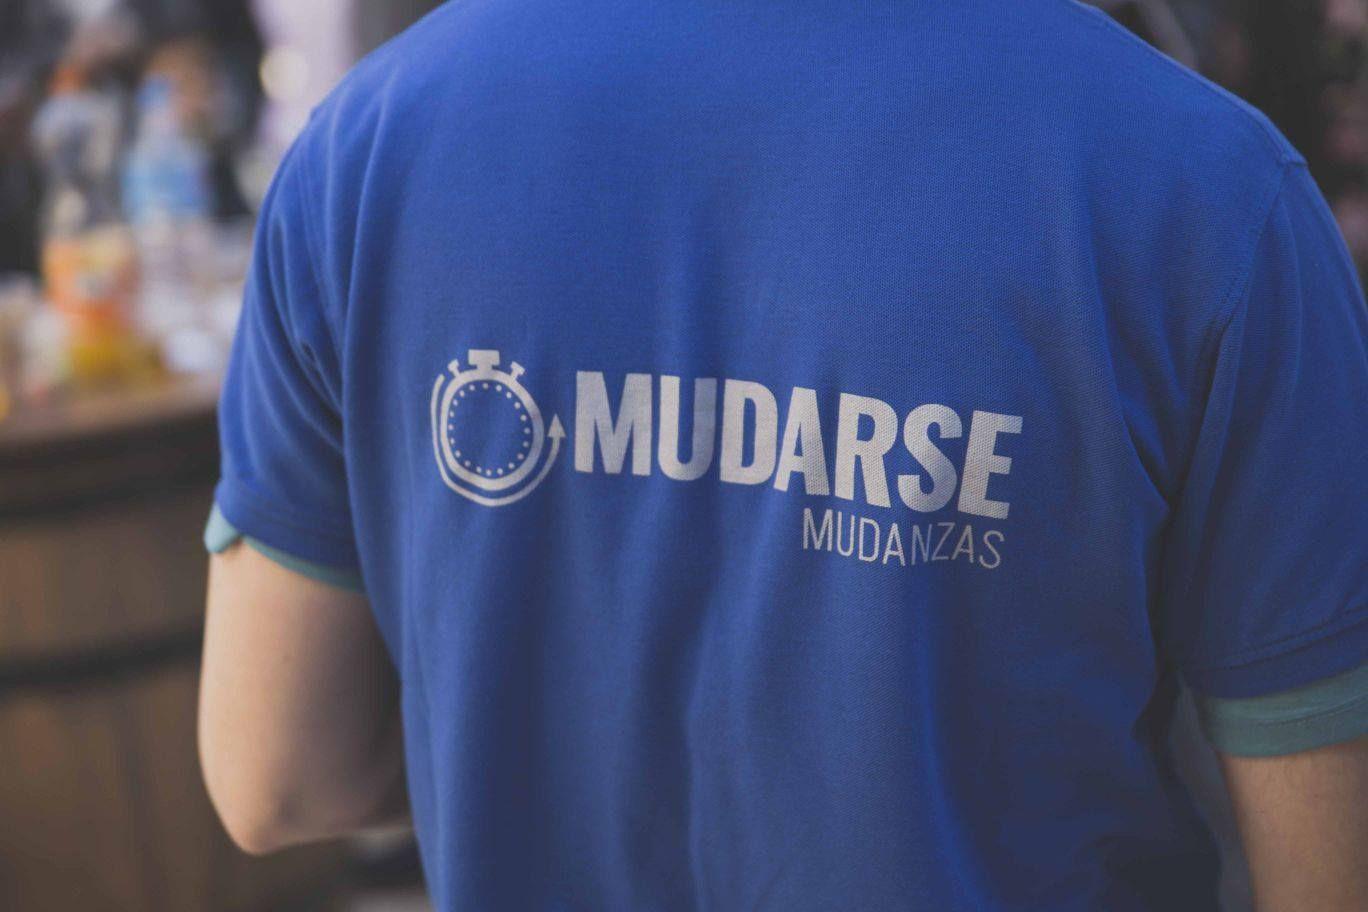 Empresa especializada en mudanzas en Murcia